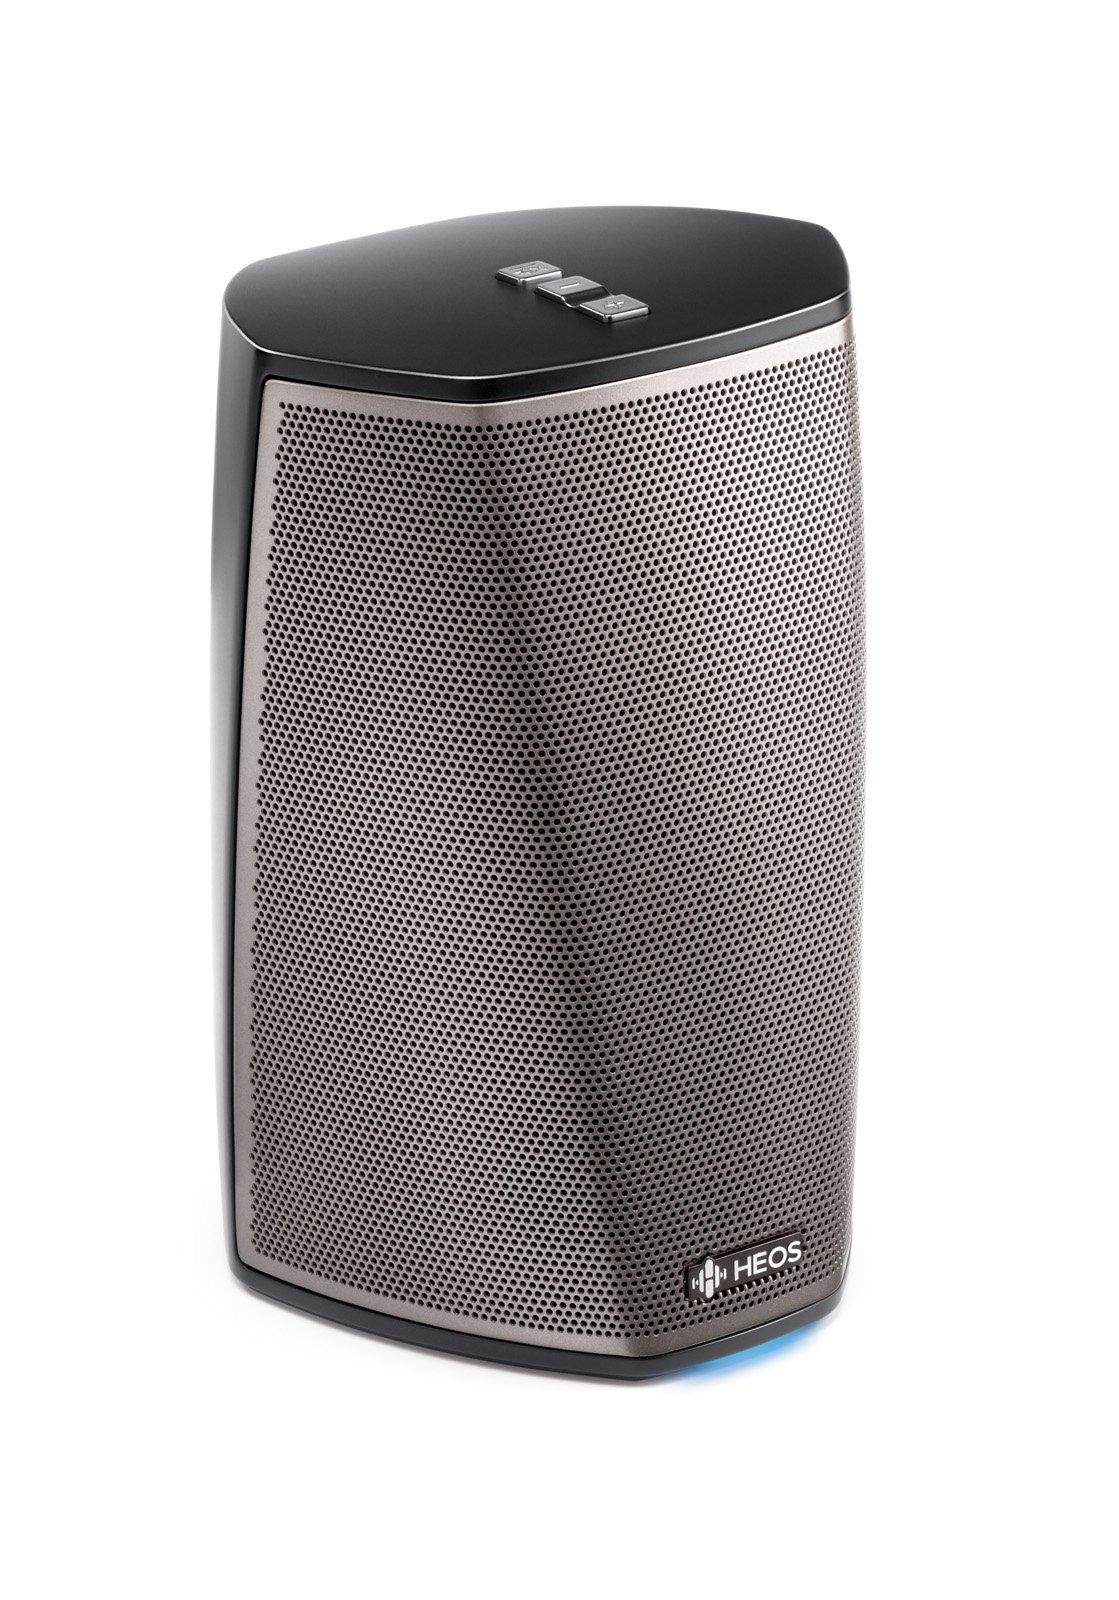 Denon HEOS 1 HS2 Wireless Speaker (Black) (New Version), Works with Alexa